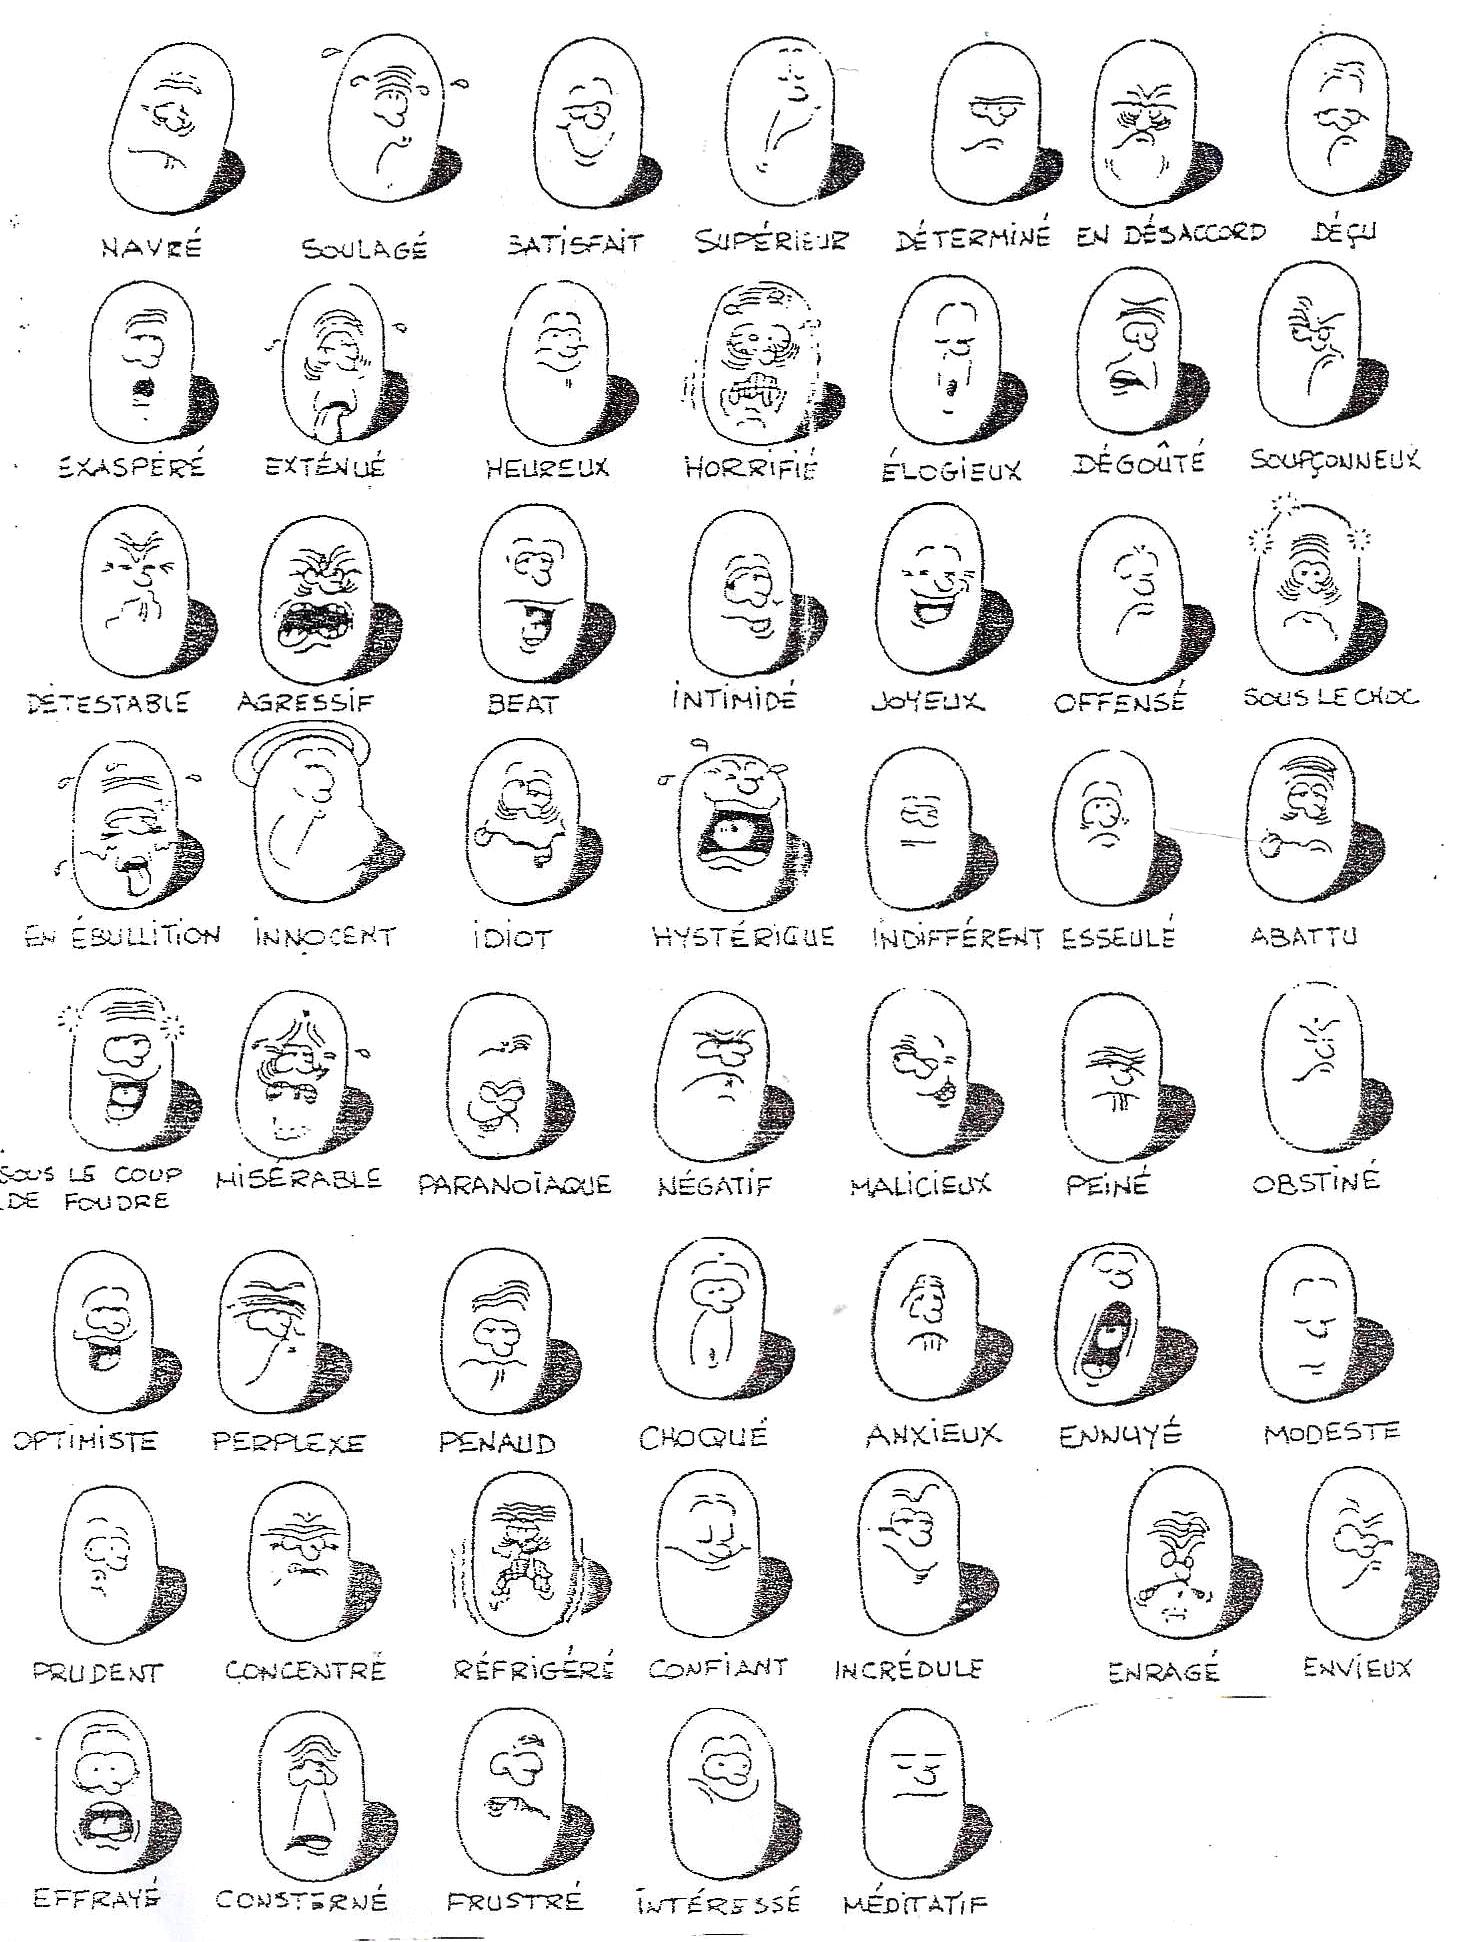 Les expressions du visage et les sentiments